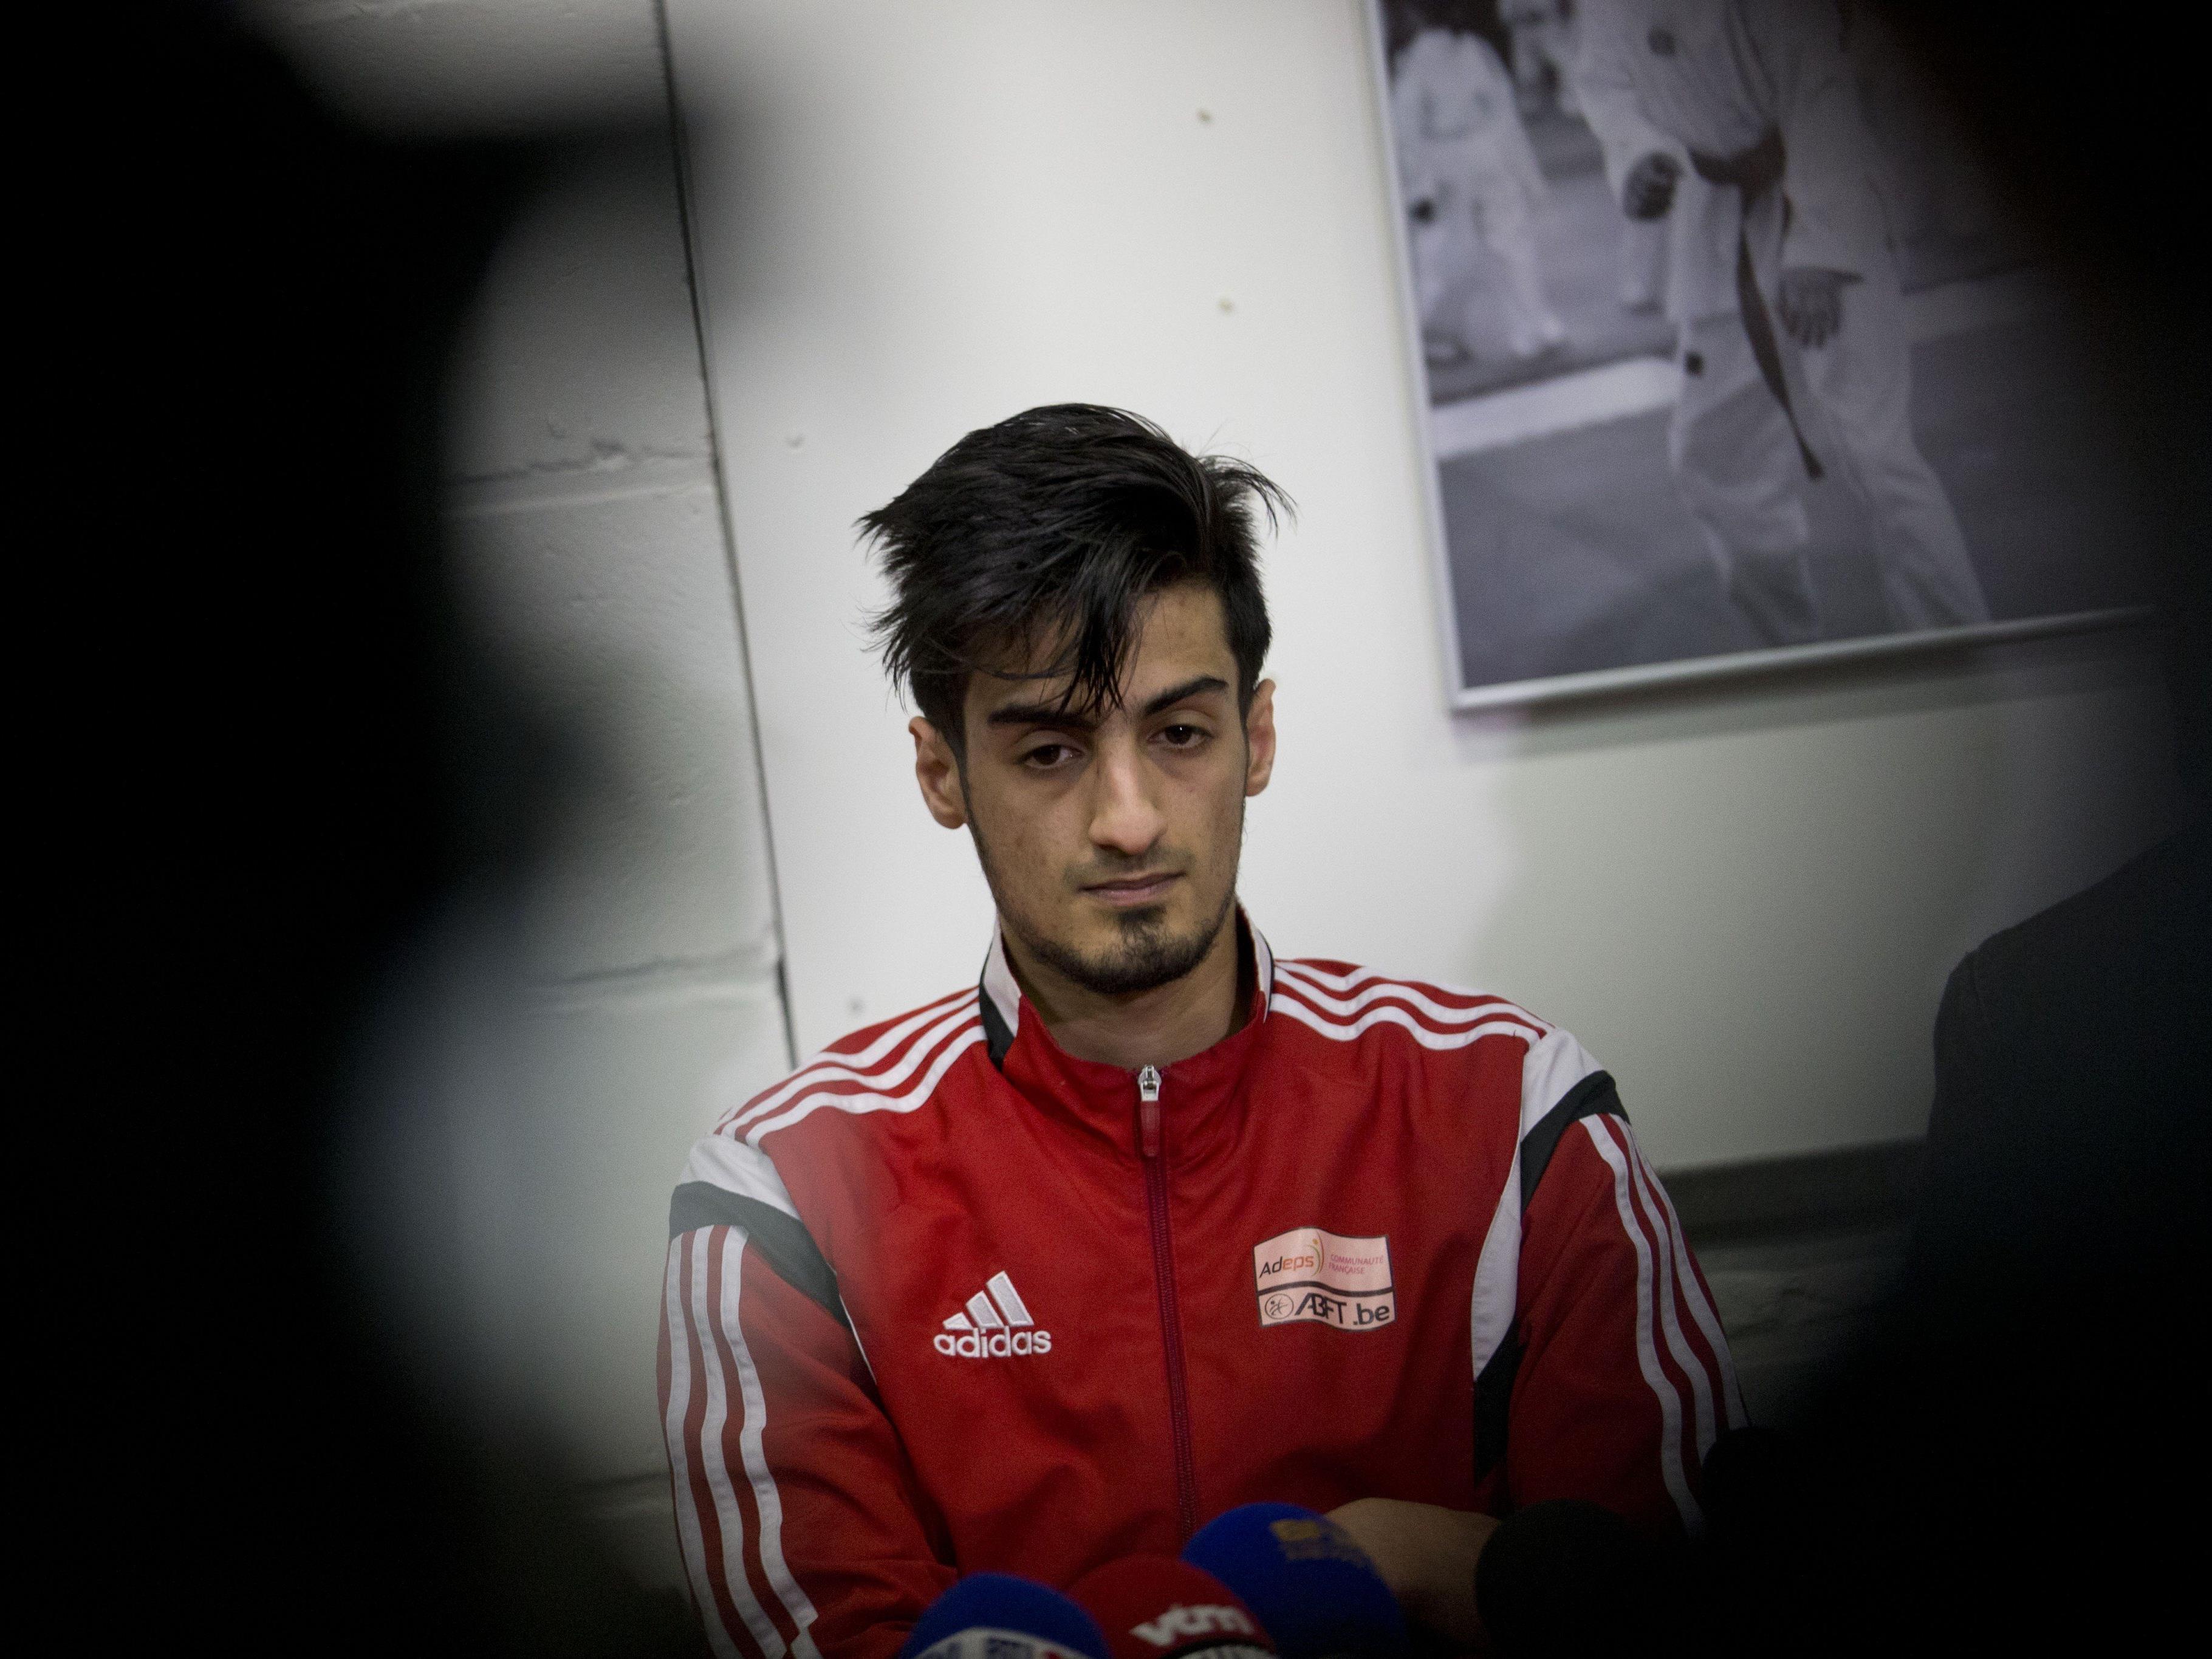 Mourad Laachraoui distanziert sich von seinem Bruder Najim, dem Bombenbauer.